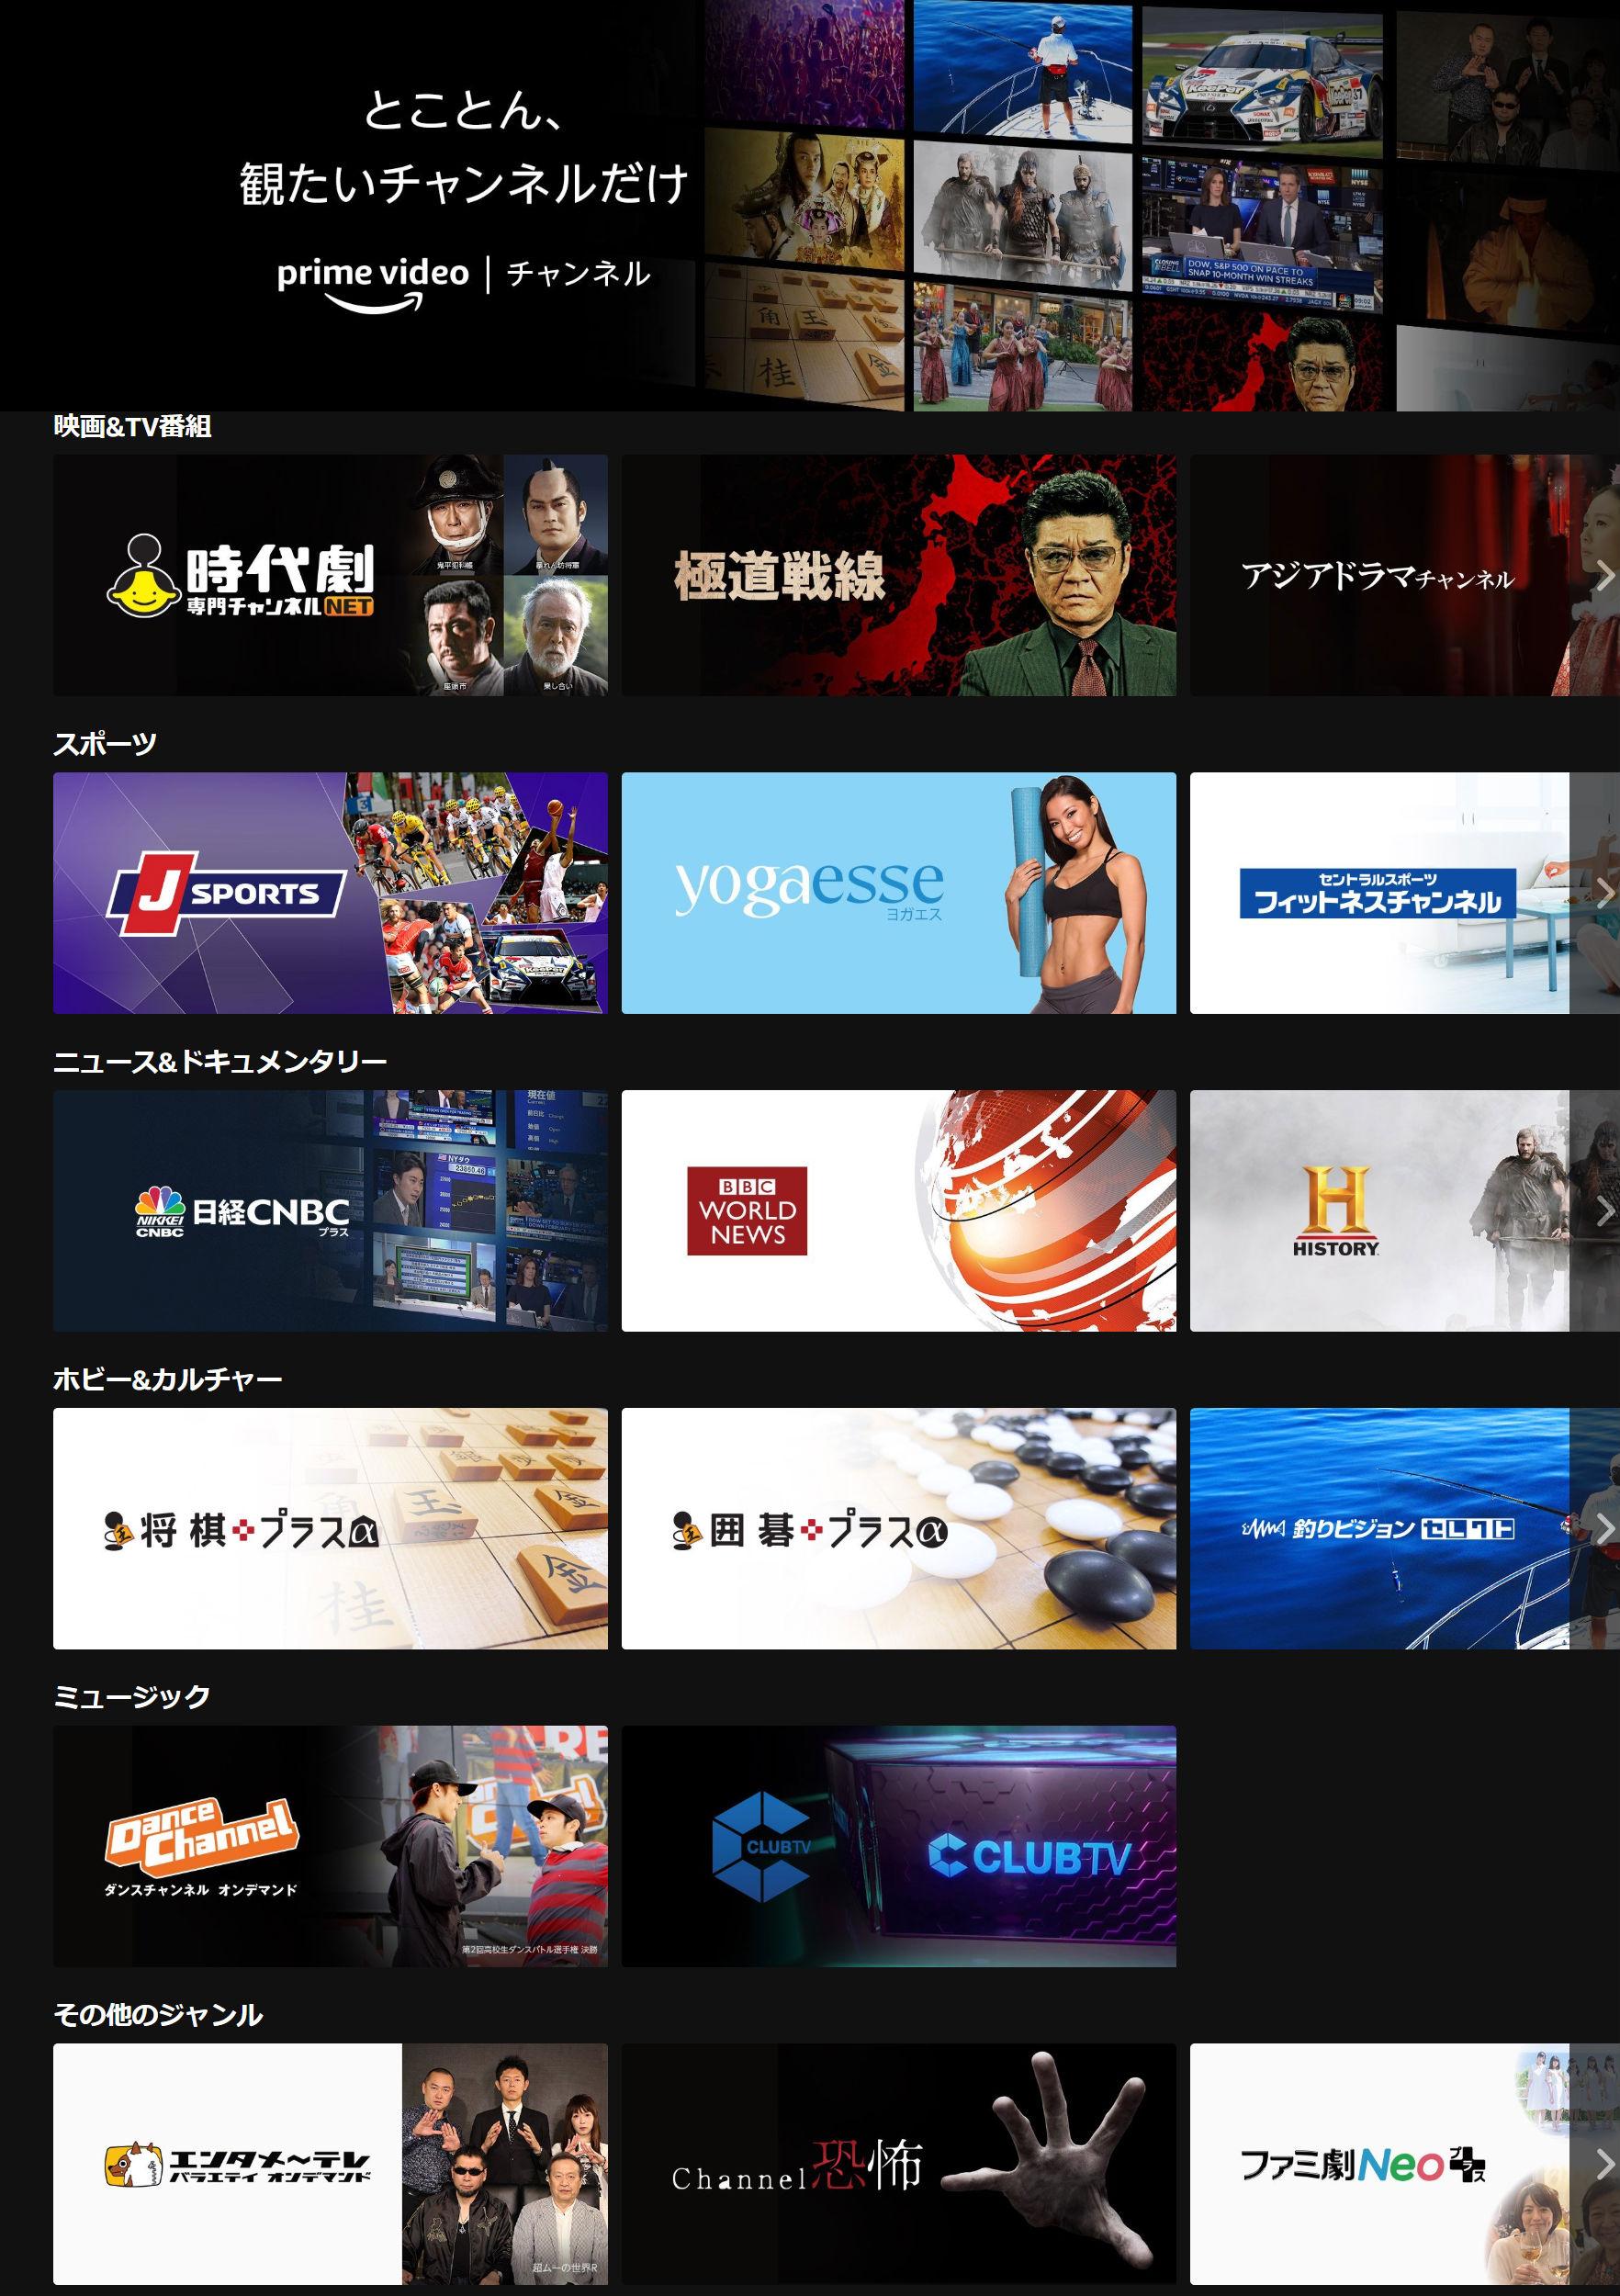 ビデオ チャンネル 管理 プライム